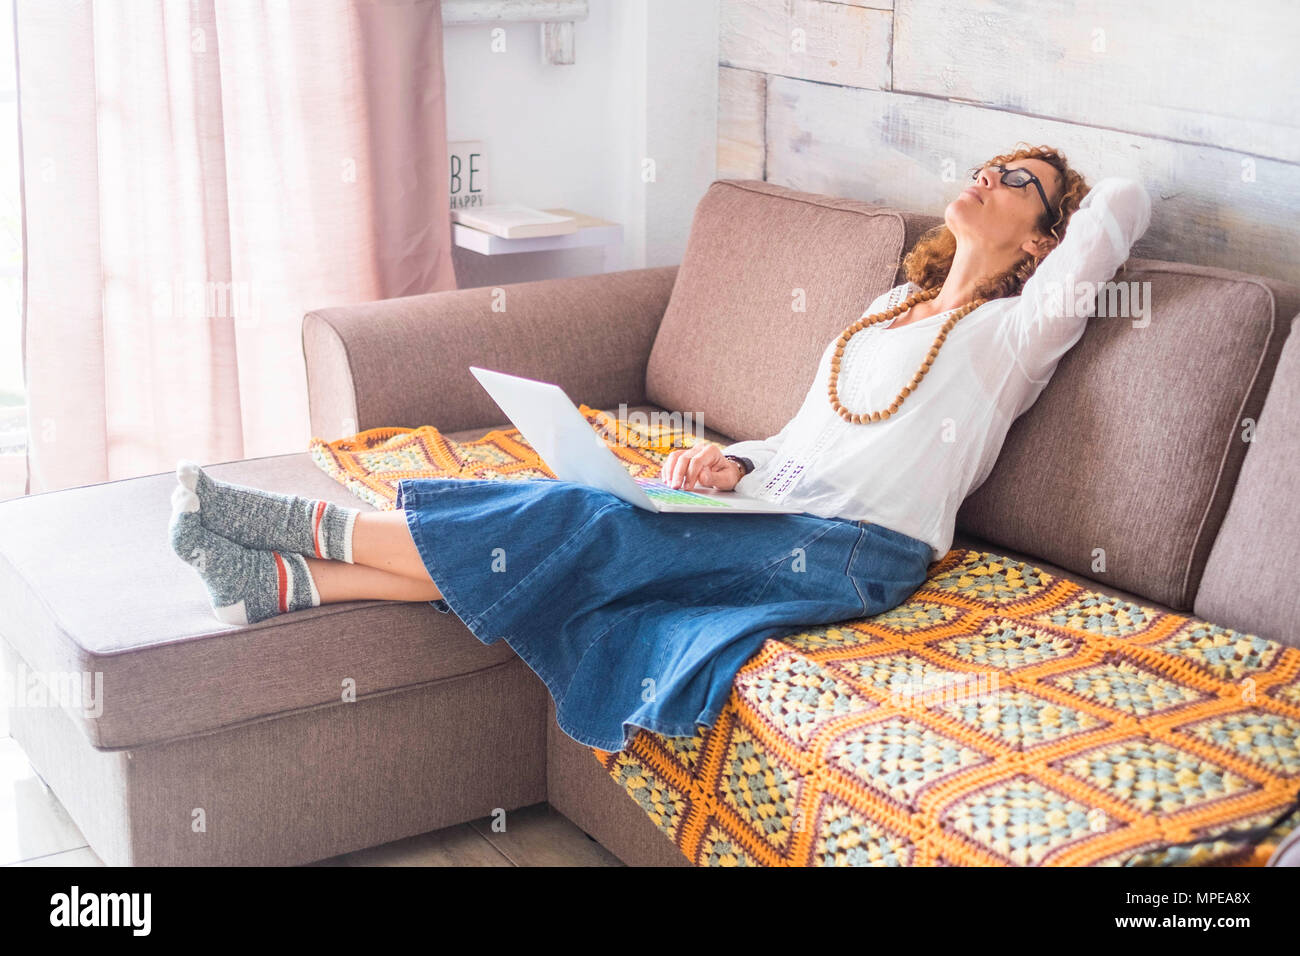 Fatigué ou plein de pensées caucasian lonely woman travailler à la maison avec un ordinateur portable moderne comme mot-clé couleur façon artiste et le mode de vie. s'étendit sur le canapé l Banque D'Images